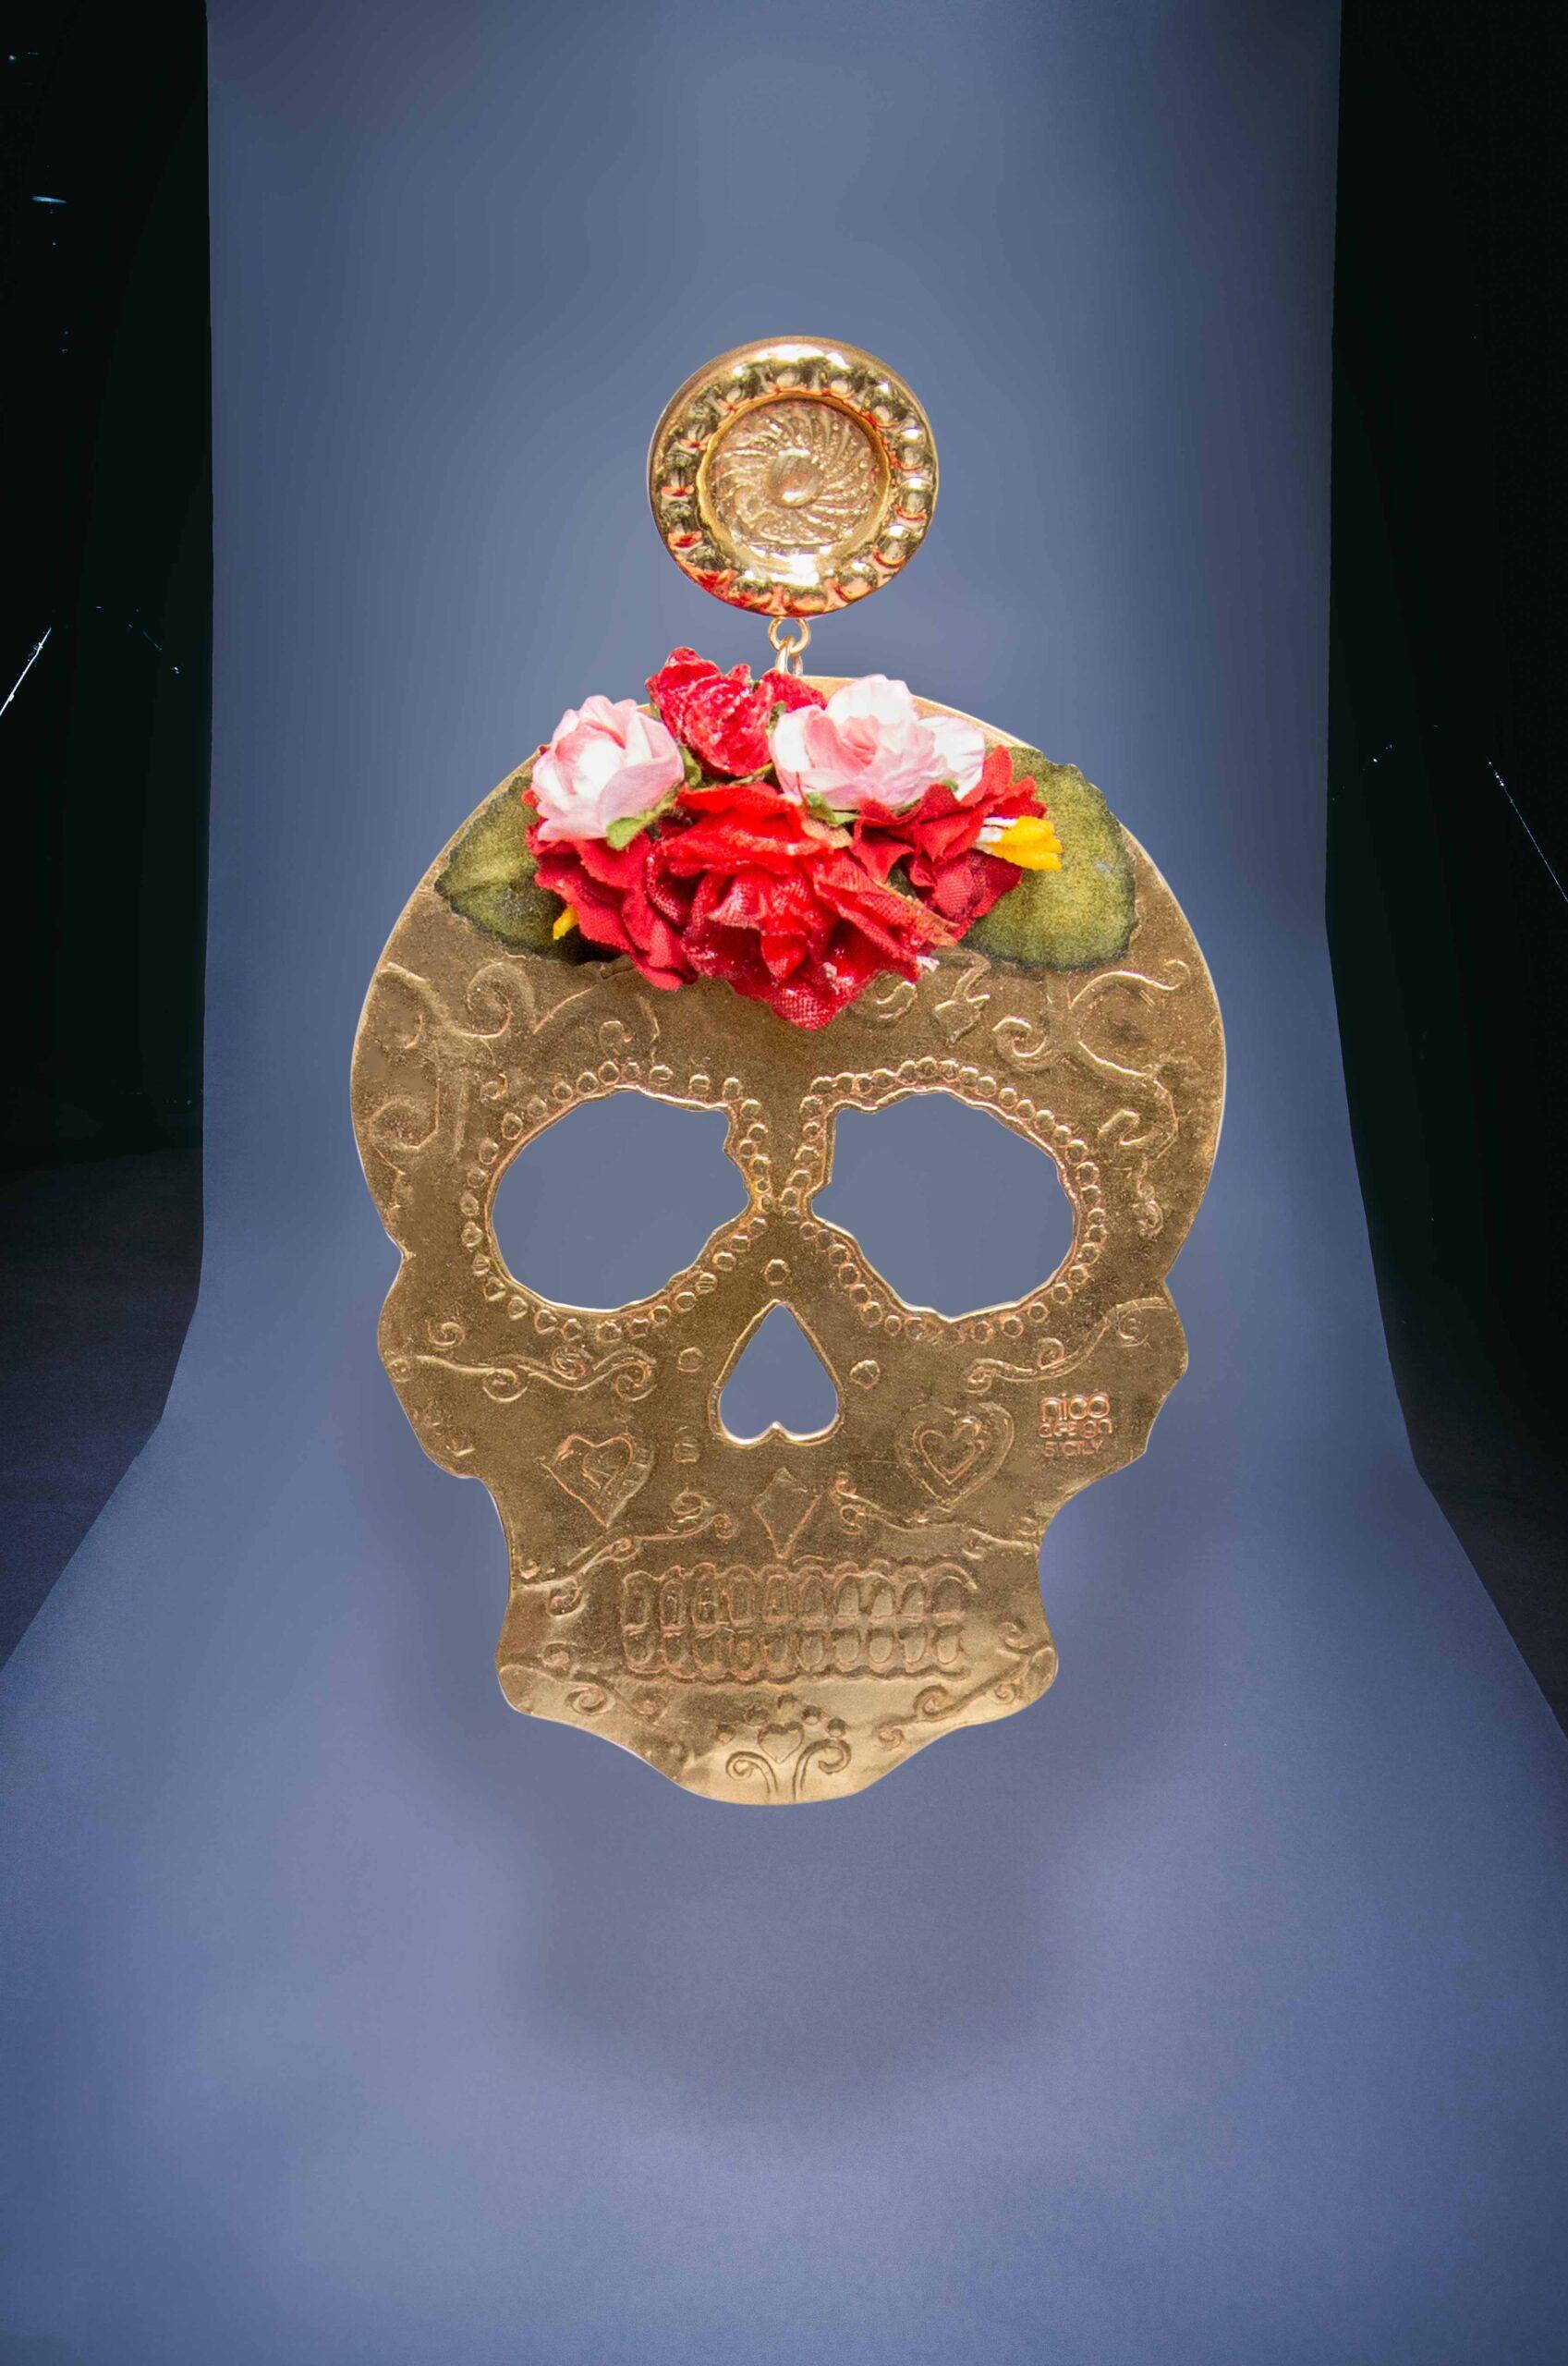 NICODESIGN_EL MEXICO_MEX09-1